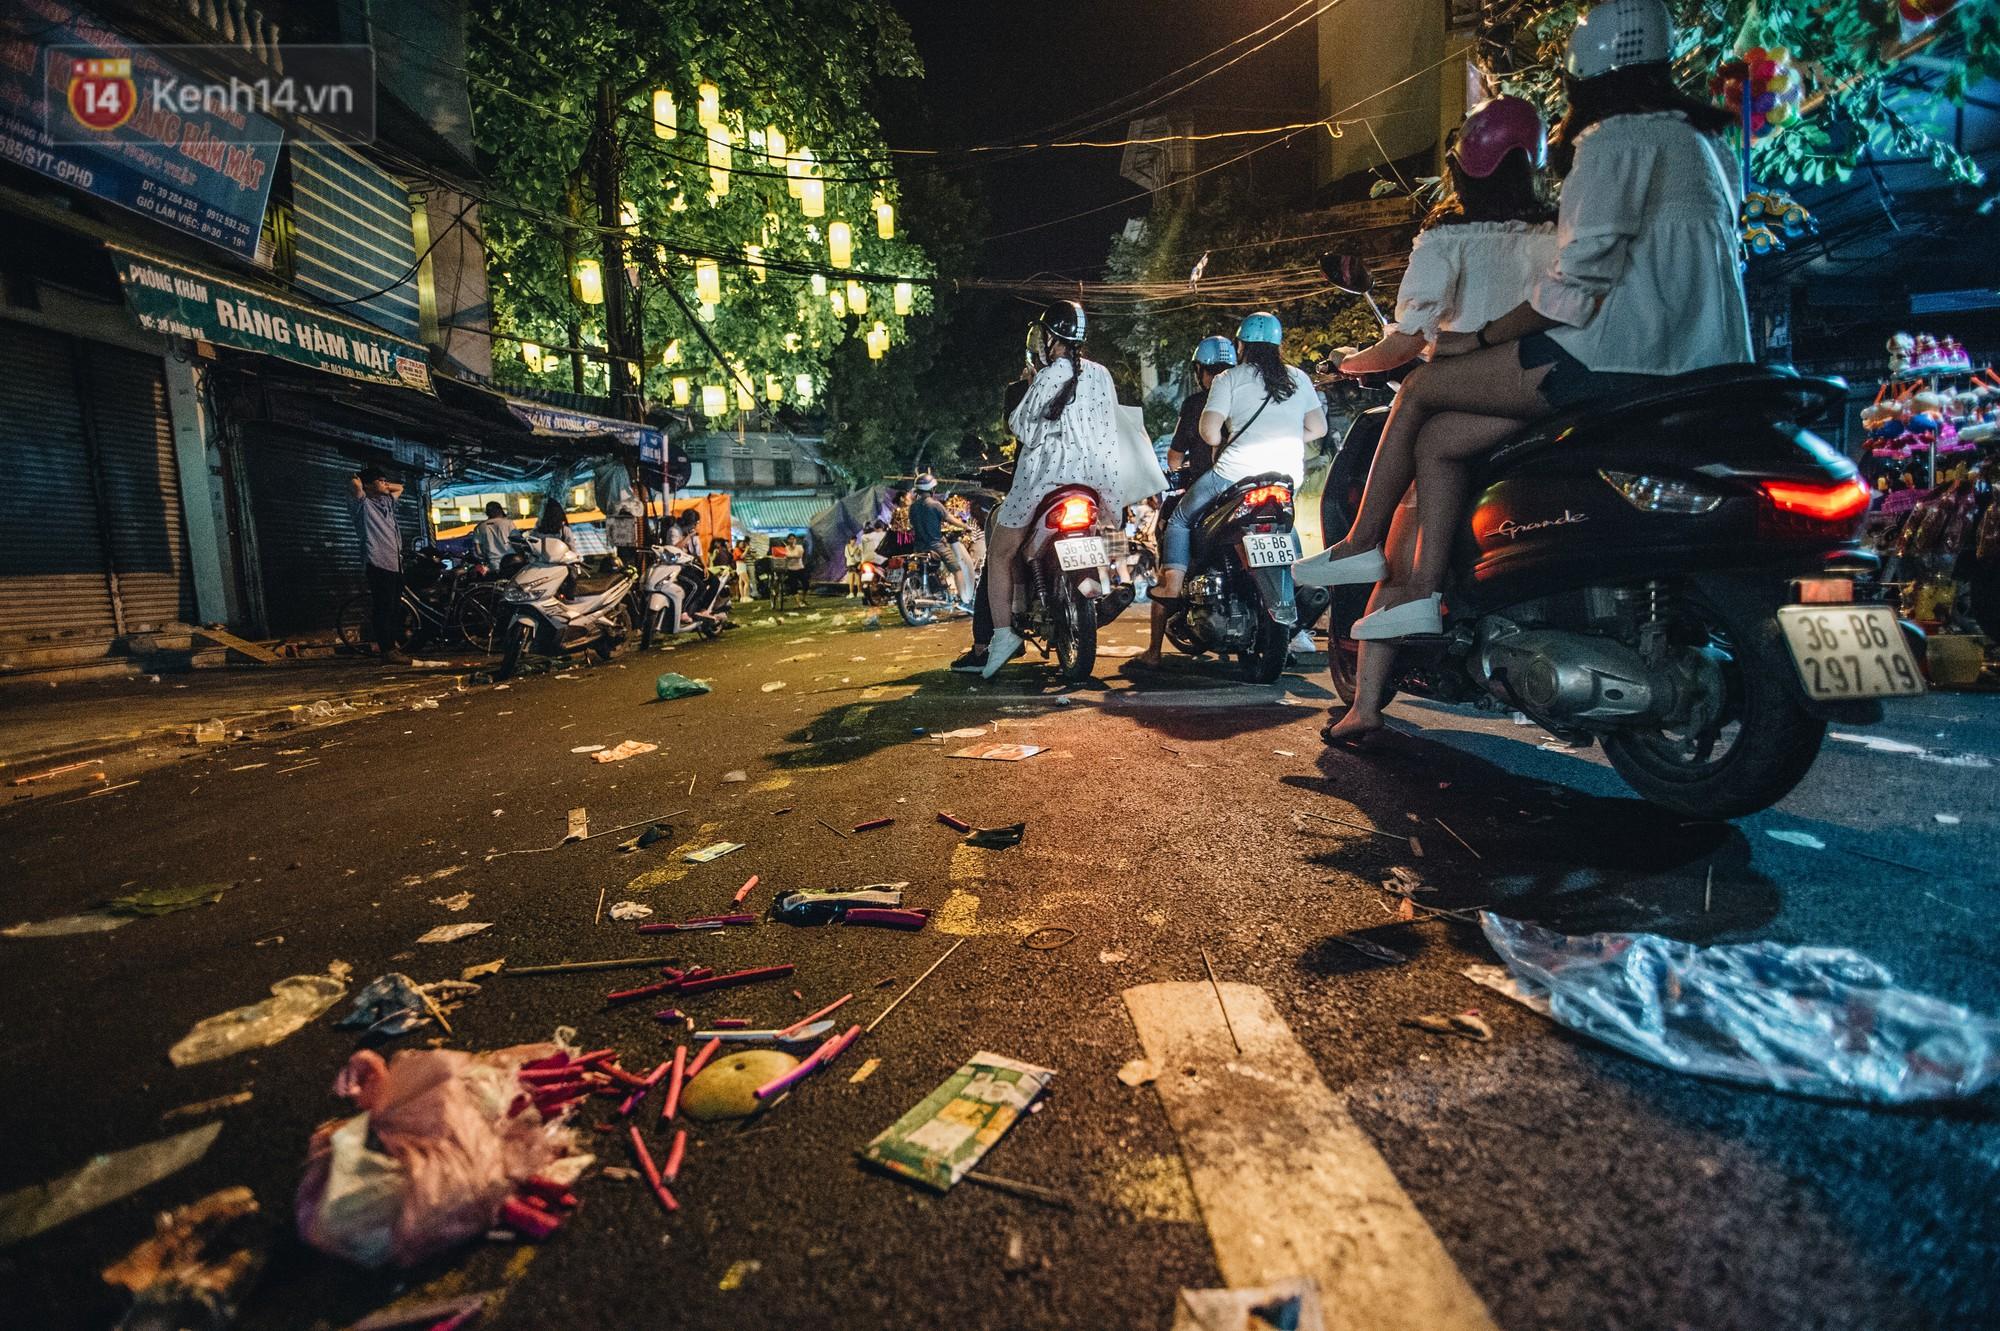 Sau Trung Thu, chợ truyền thống ở Hà nội ngập trong rác thải - Ảnh 9.